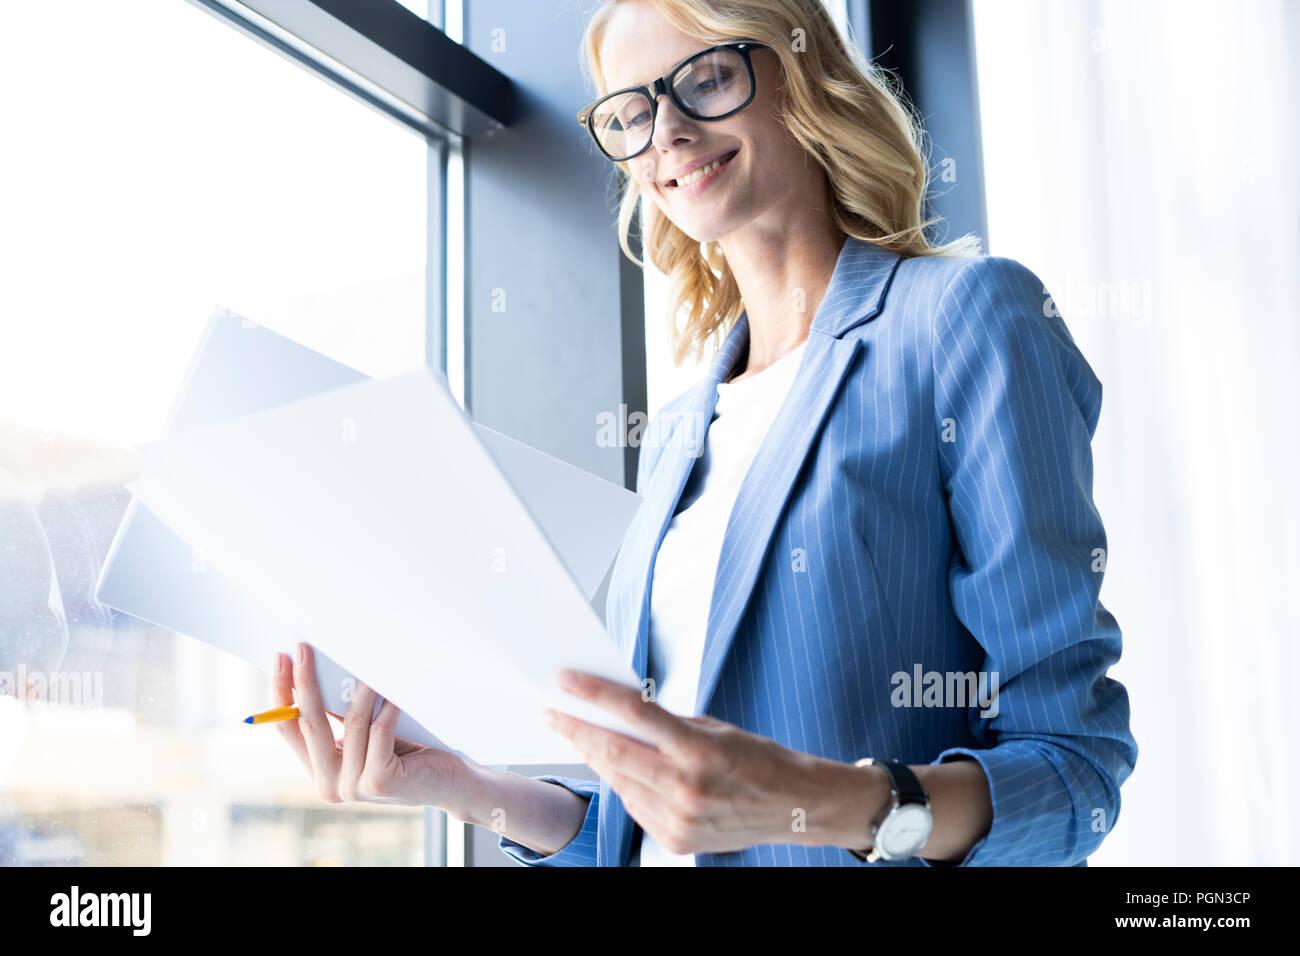 Mujer de negocios moderno en la oficina con espacio de copia. Imagen De Stock